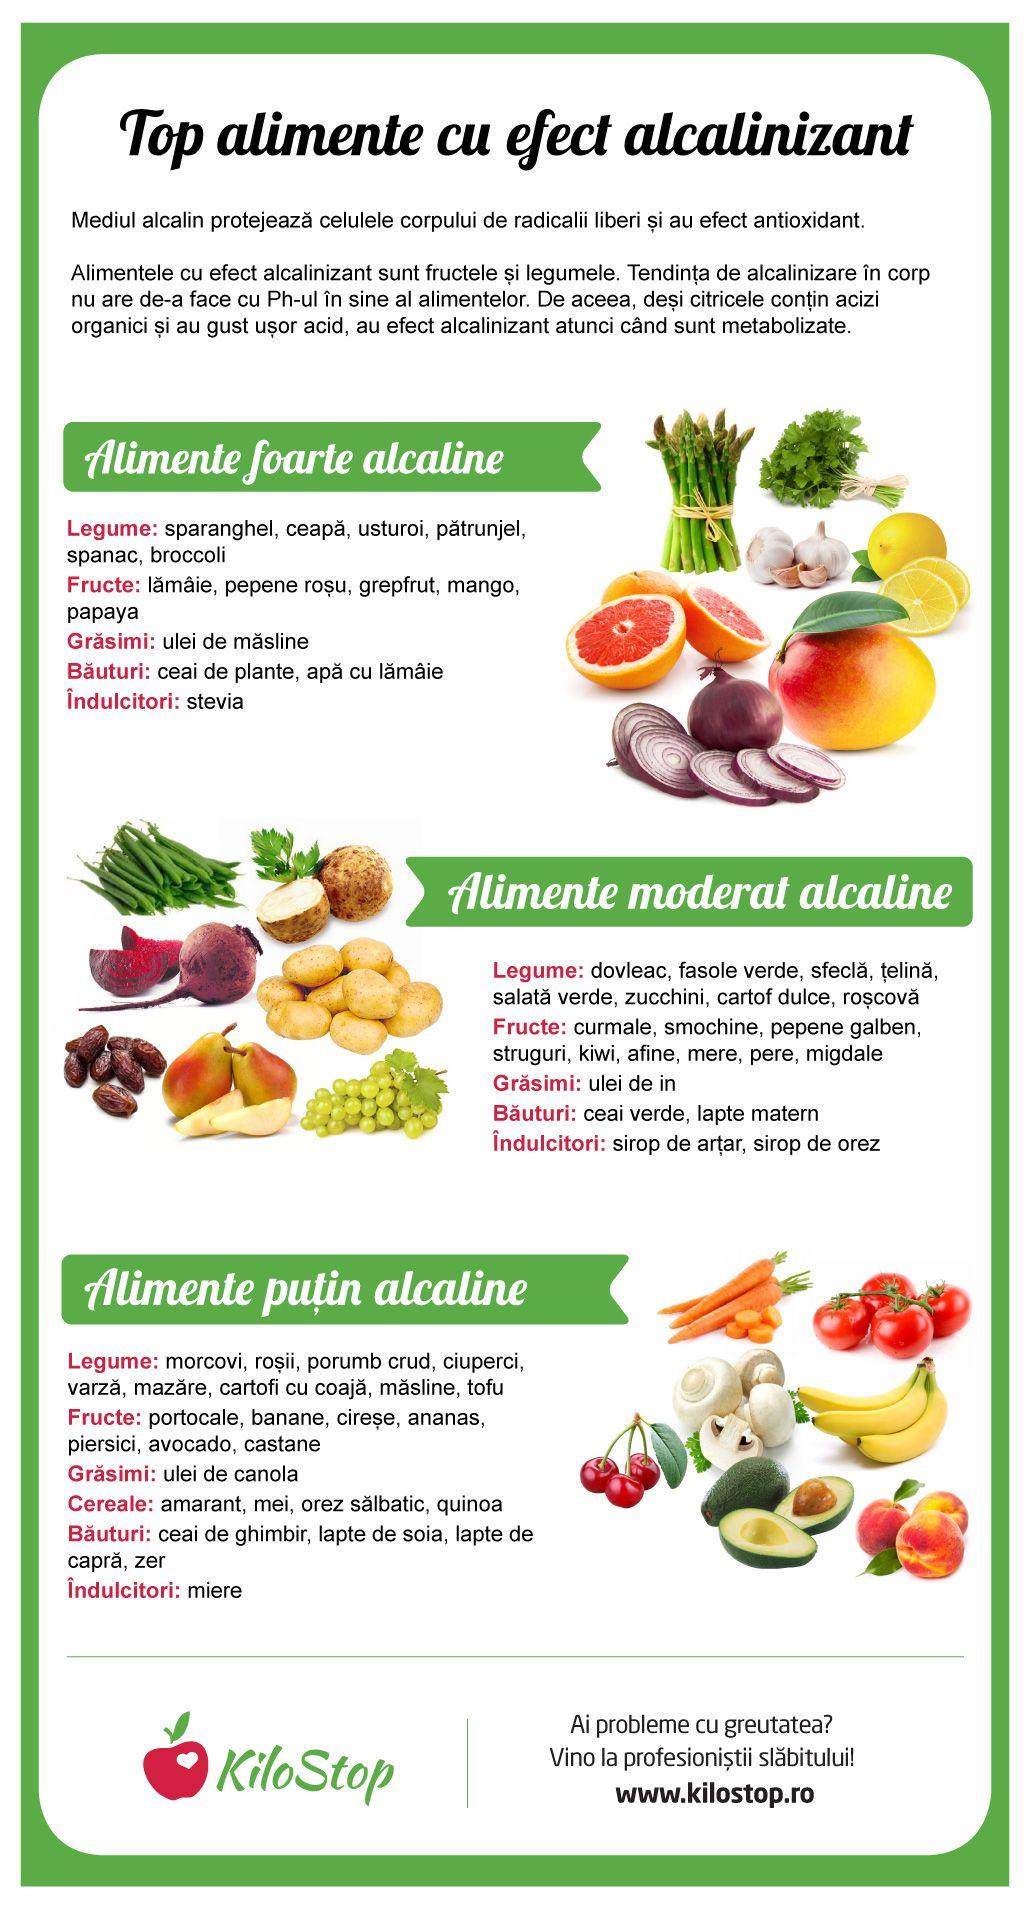 Produsele care conțin grăsimi sănătoase și contribuie la pierderea în